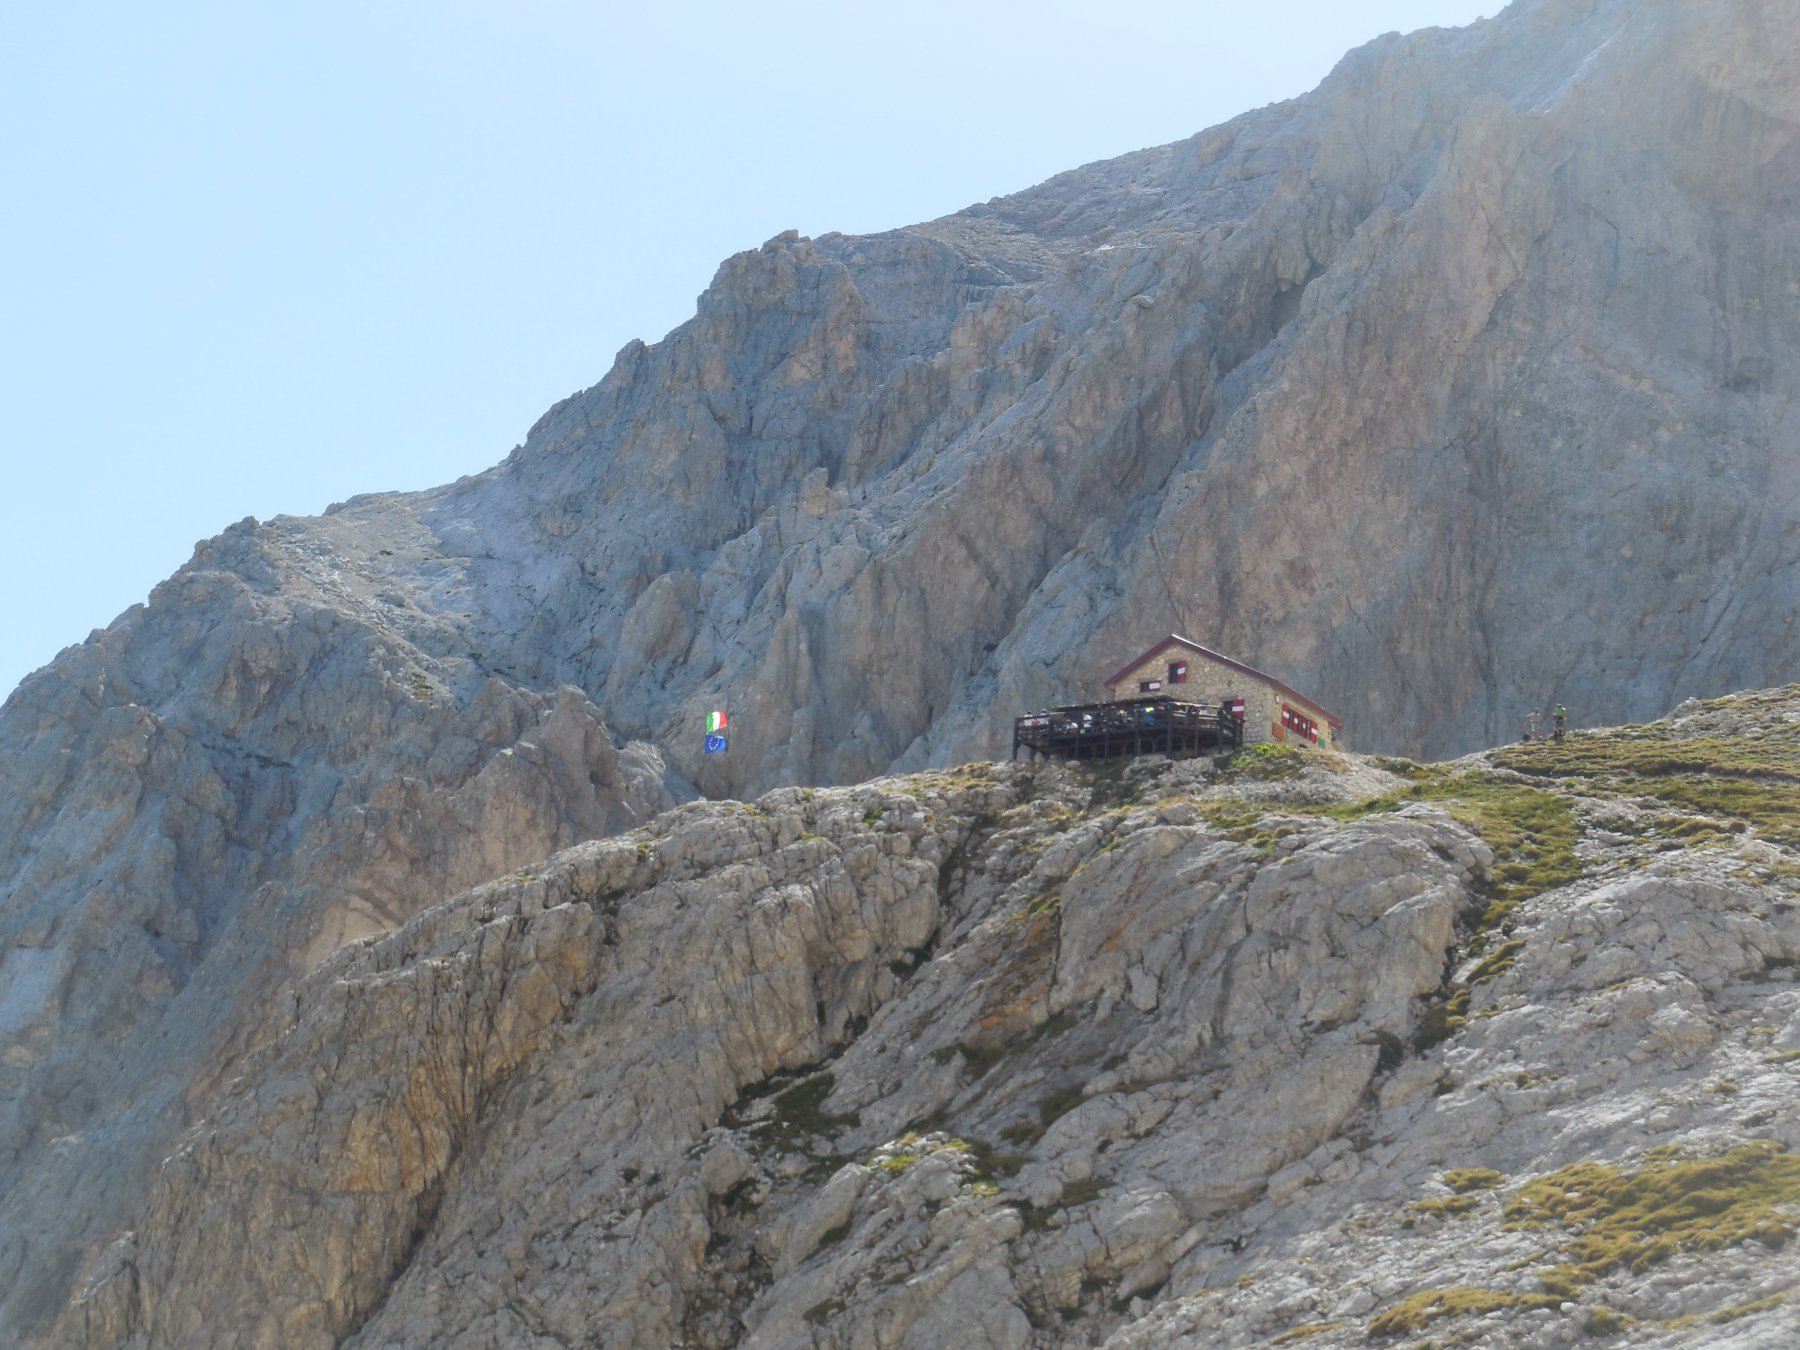 Vista sul Rifugio Franchetti con dietro l'inizio del Sentiero Ricci